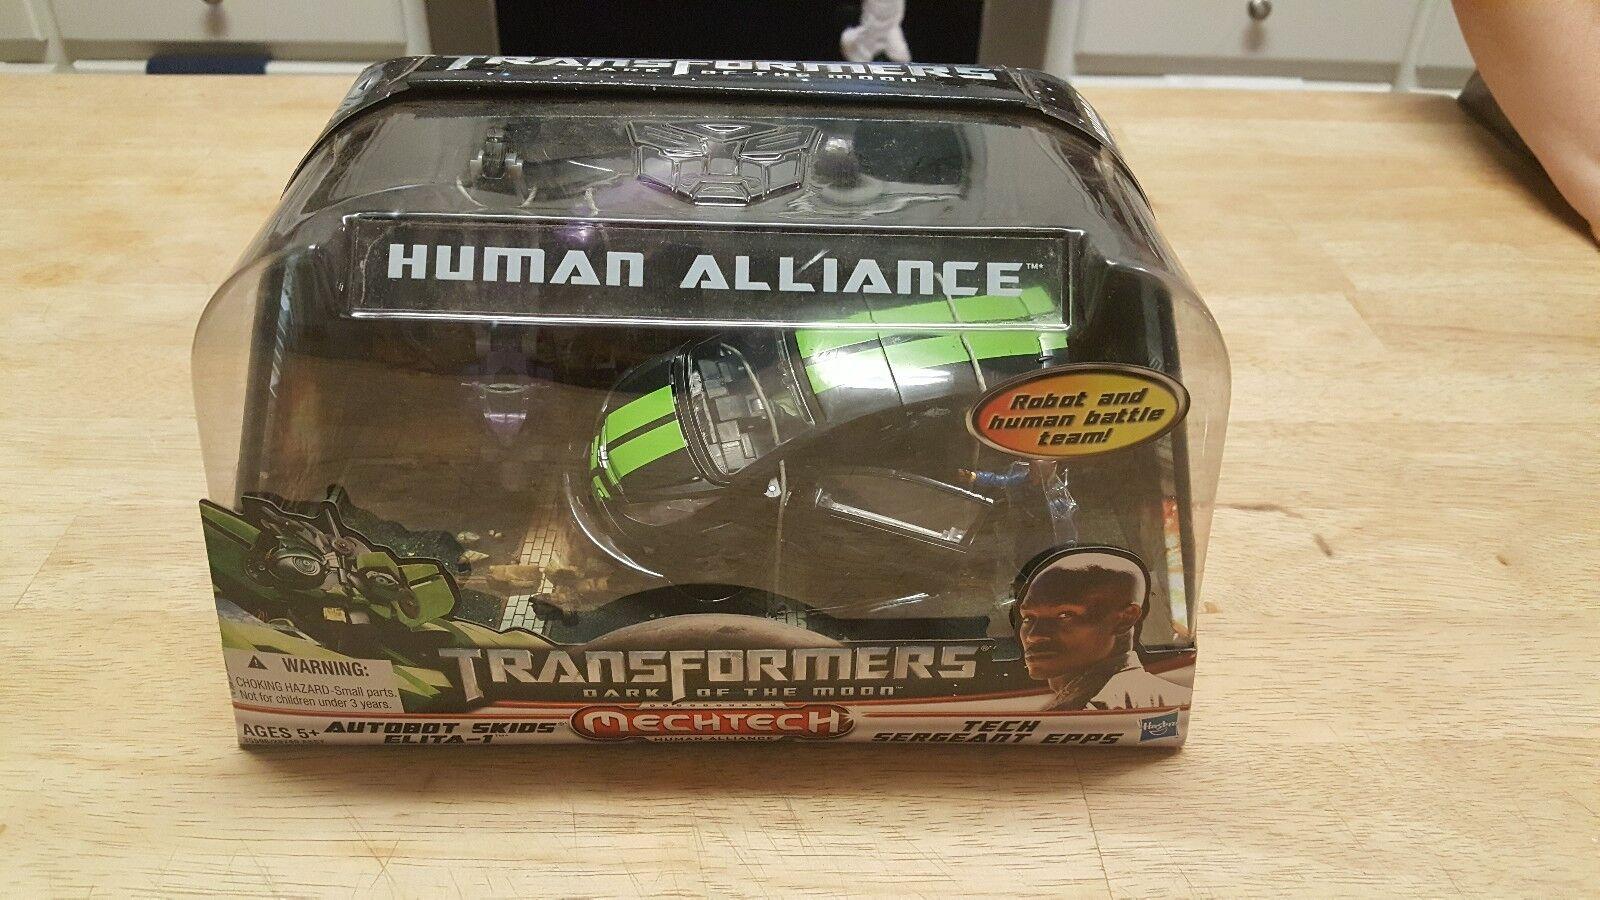 Transformers Dotm Autobot Skids Elita 1 Alianza humana Mechtech Epps